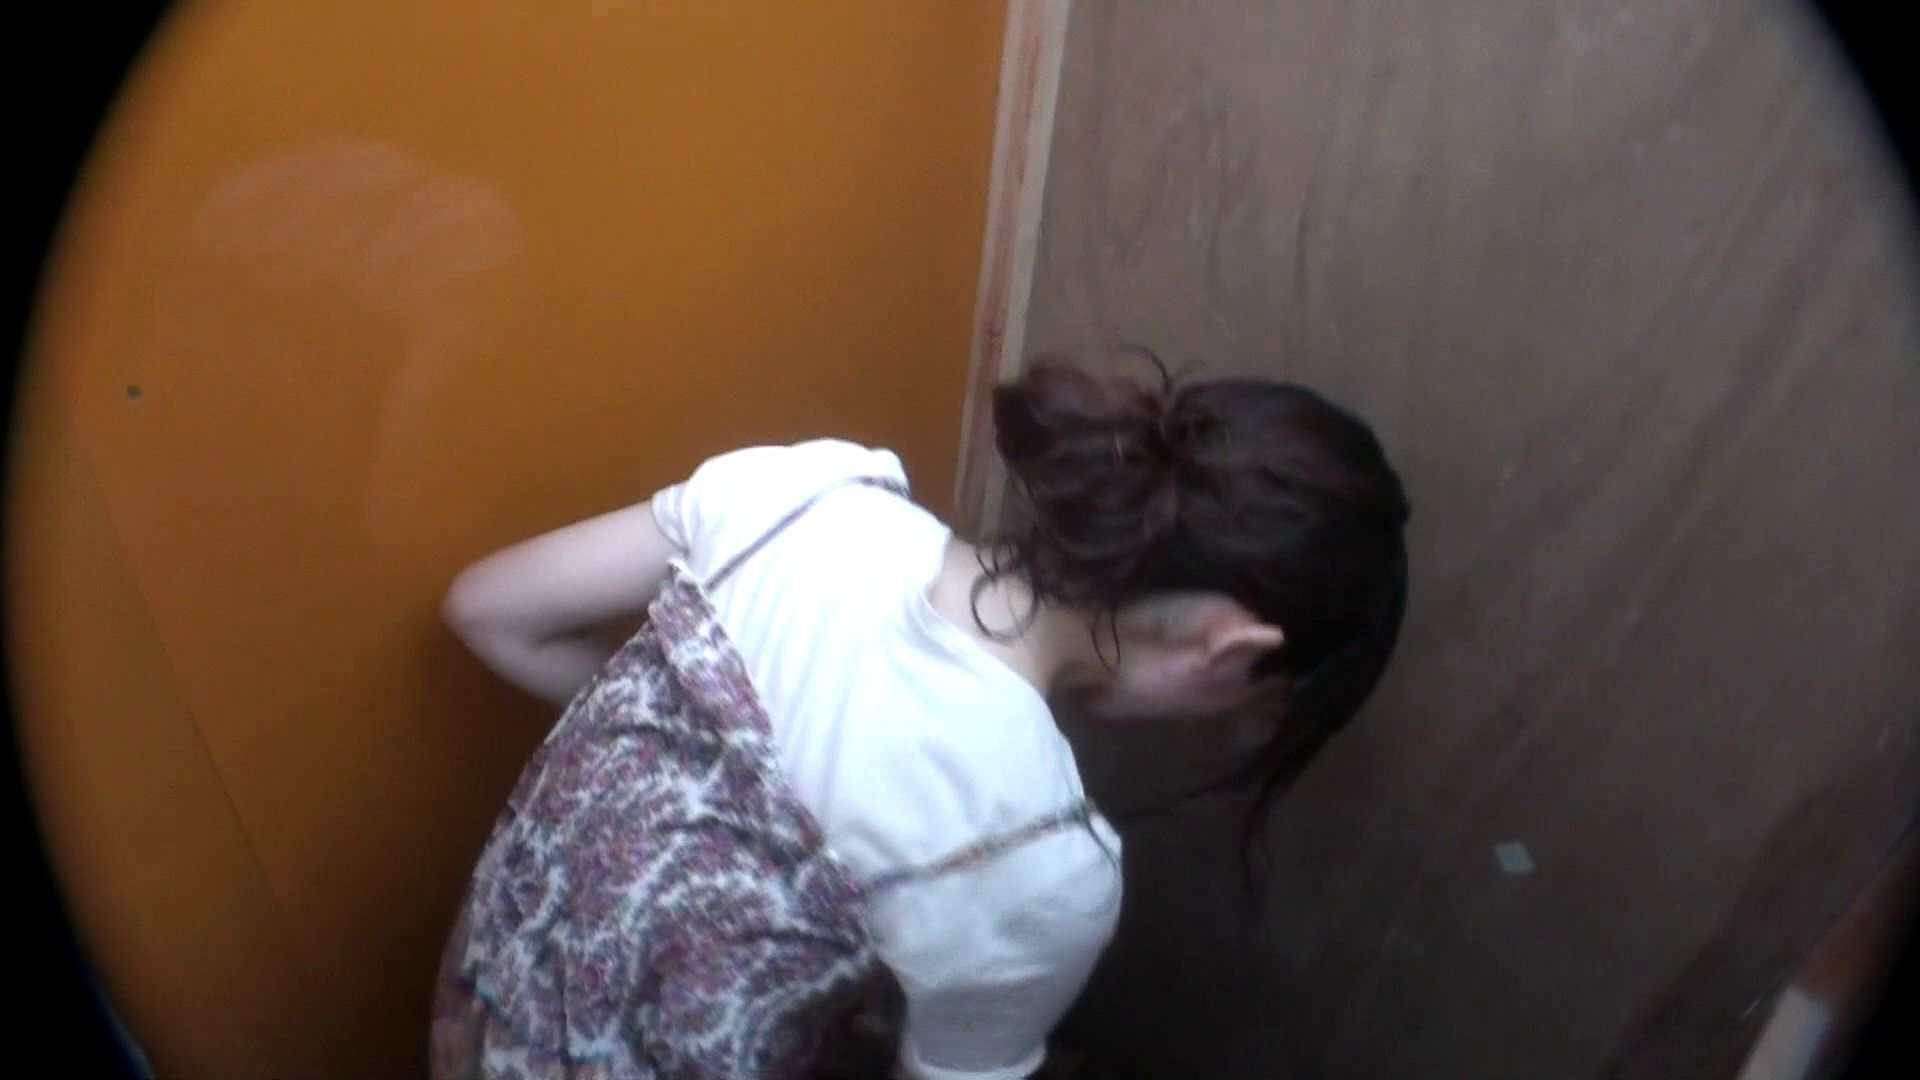 シャワールームは超!!危険な香りVol.29 こっちを向いて欲しい貧乳姉さん 高画質 | 貧乳  67PICs 9